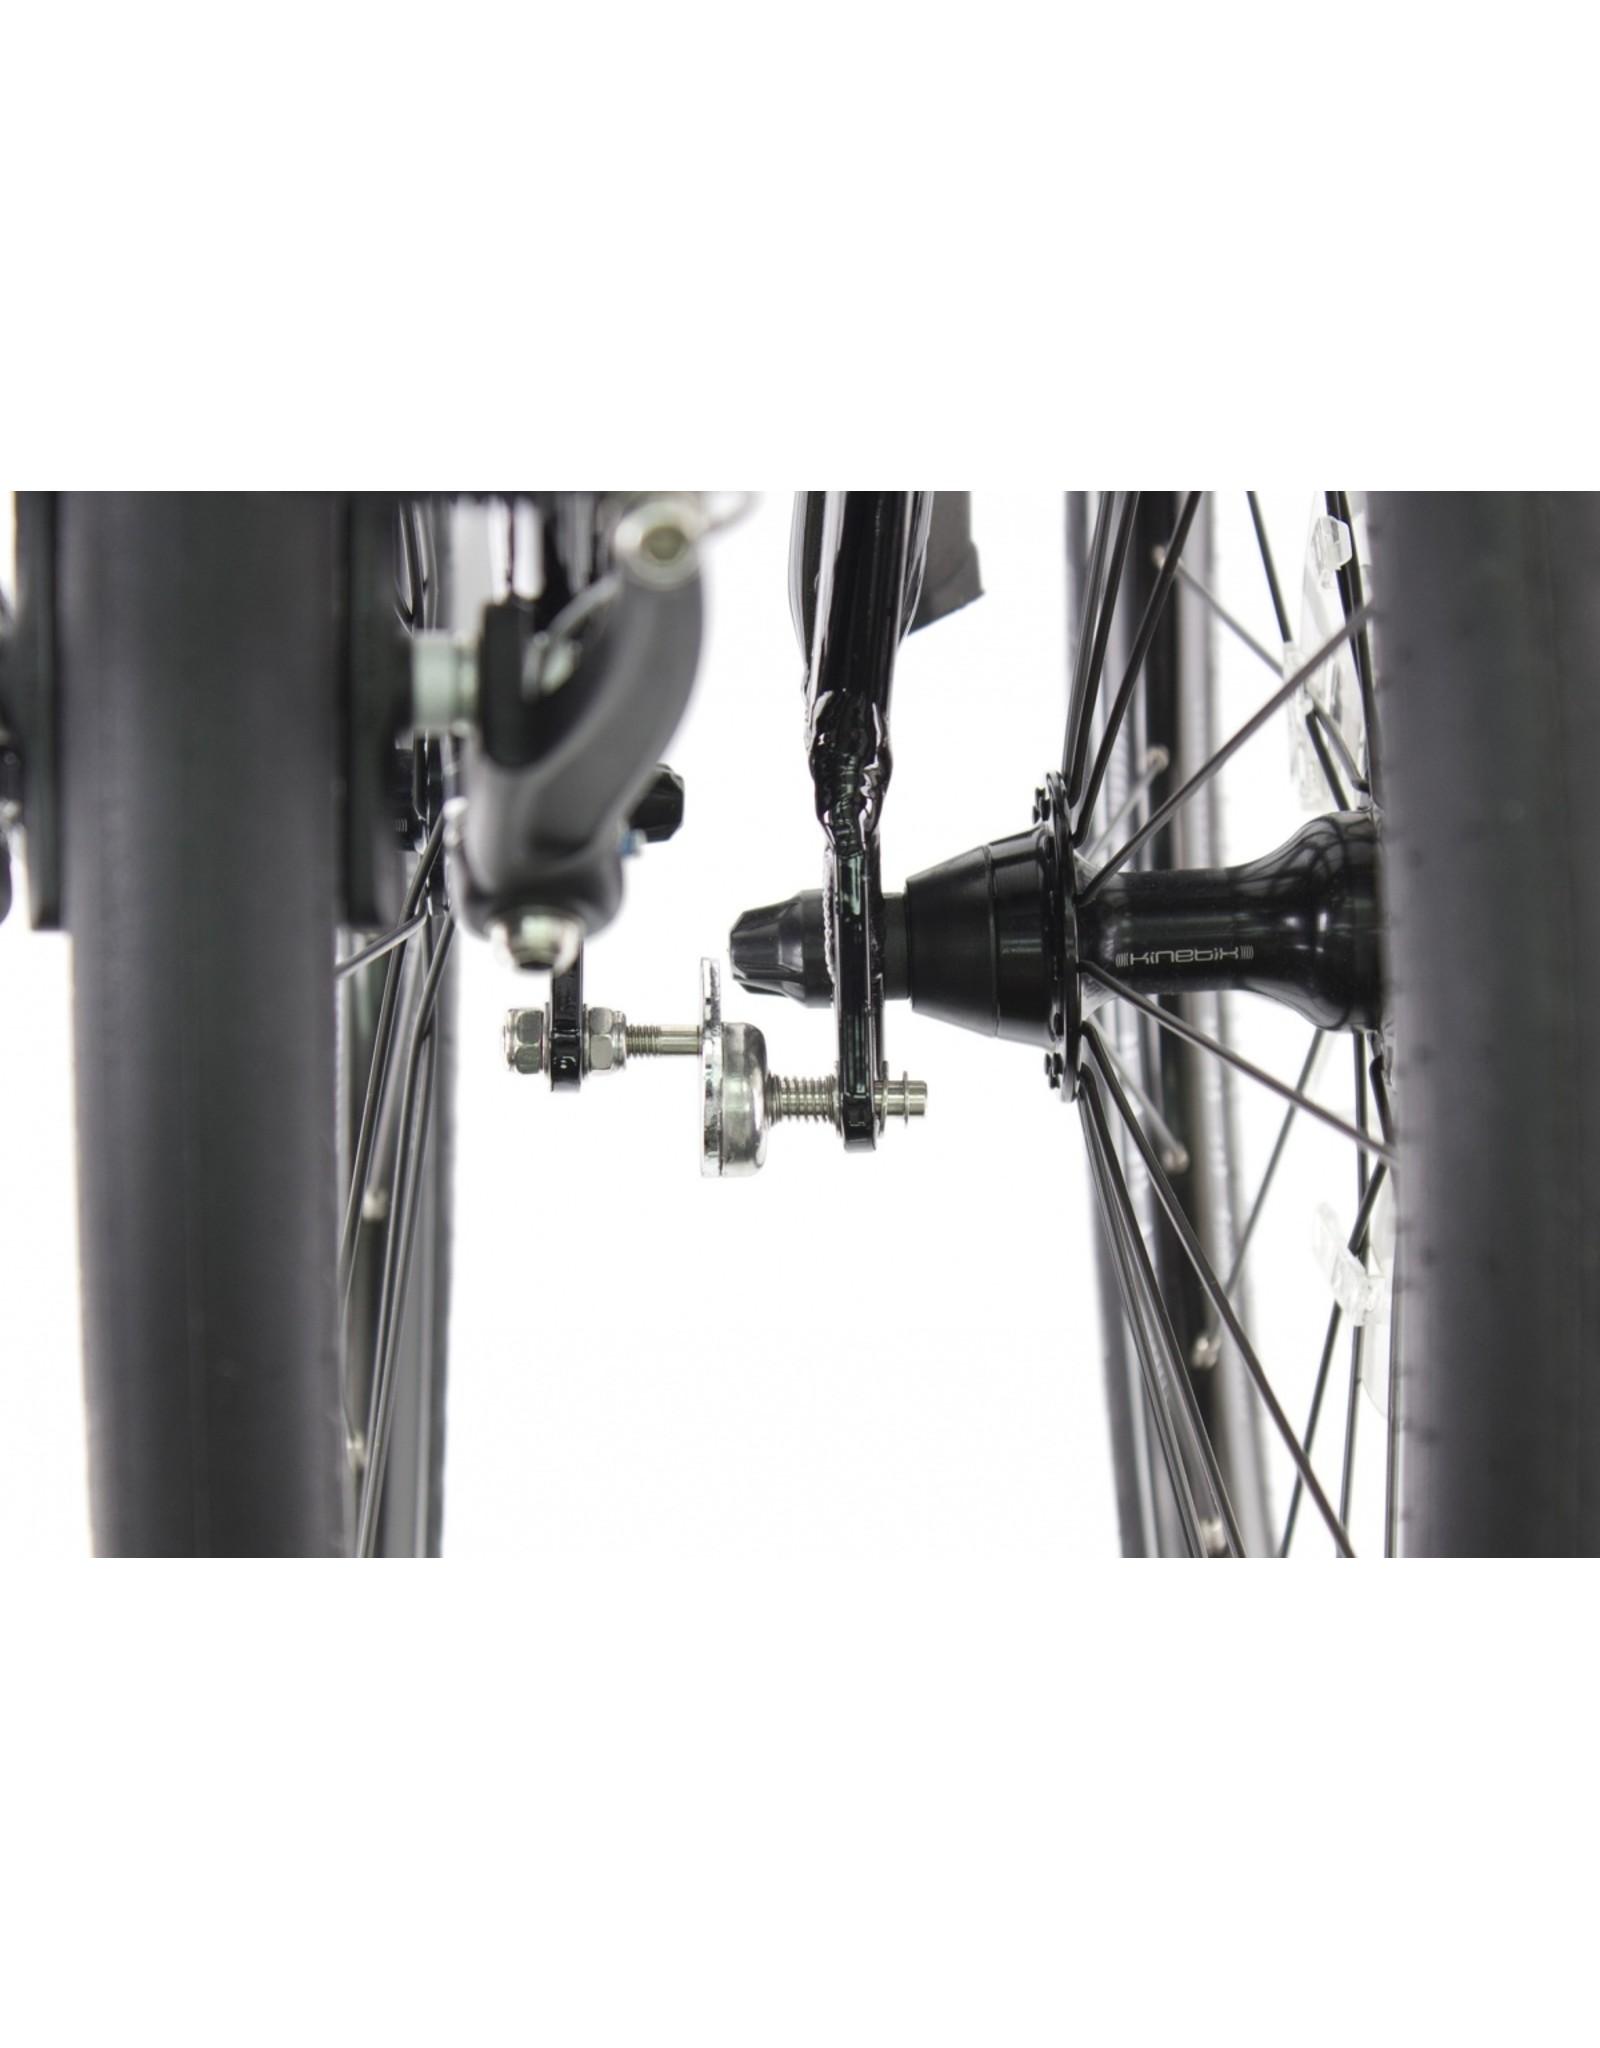 TERN TERN-LINK C8 foldable bike